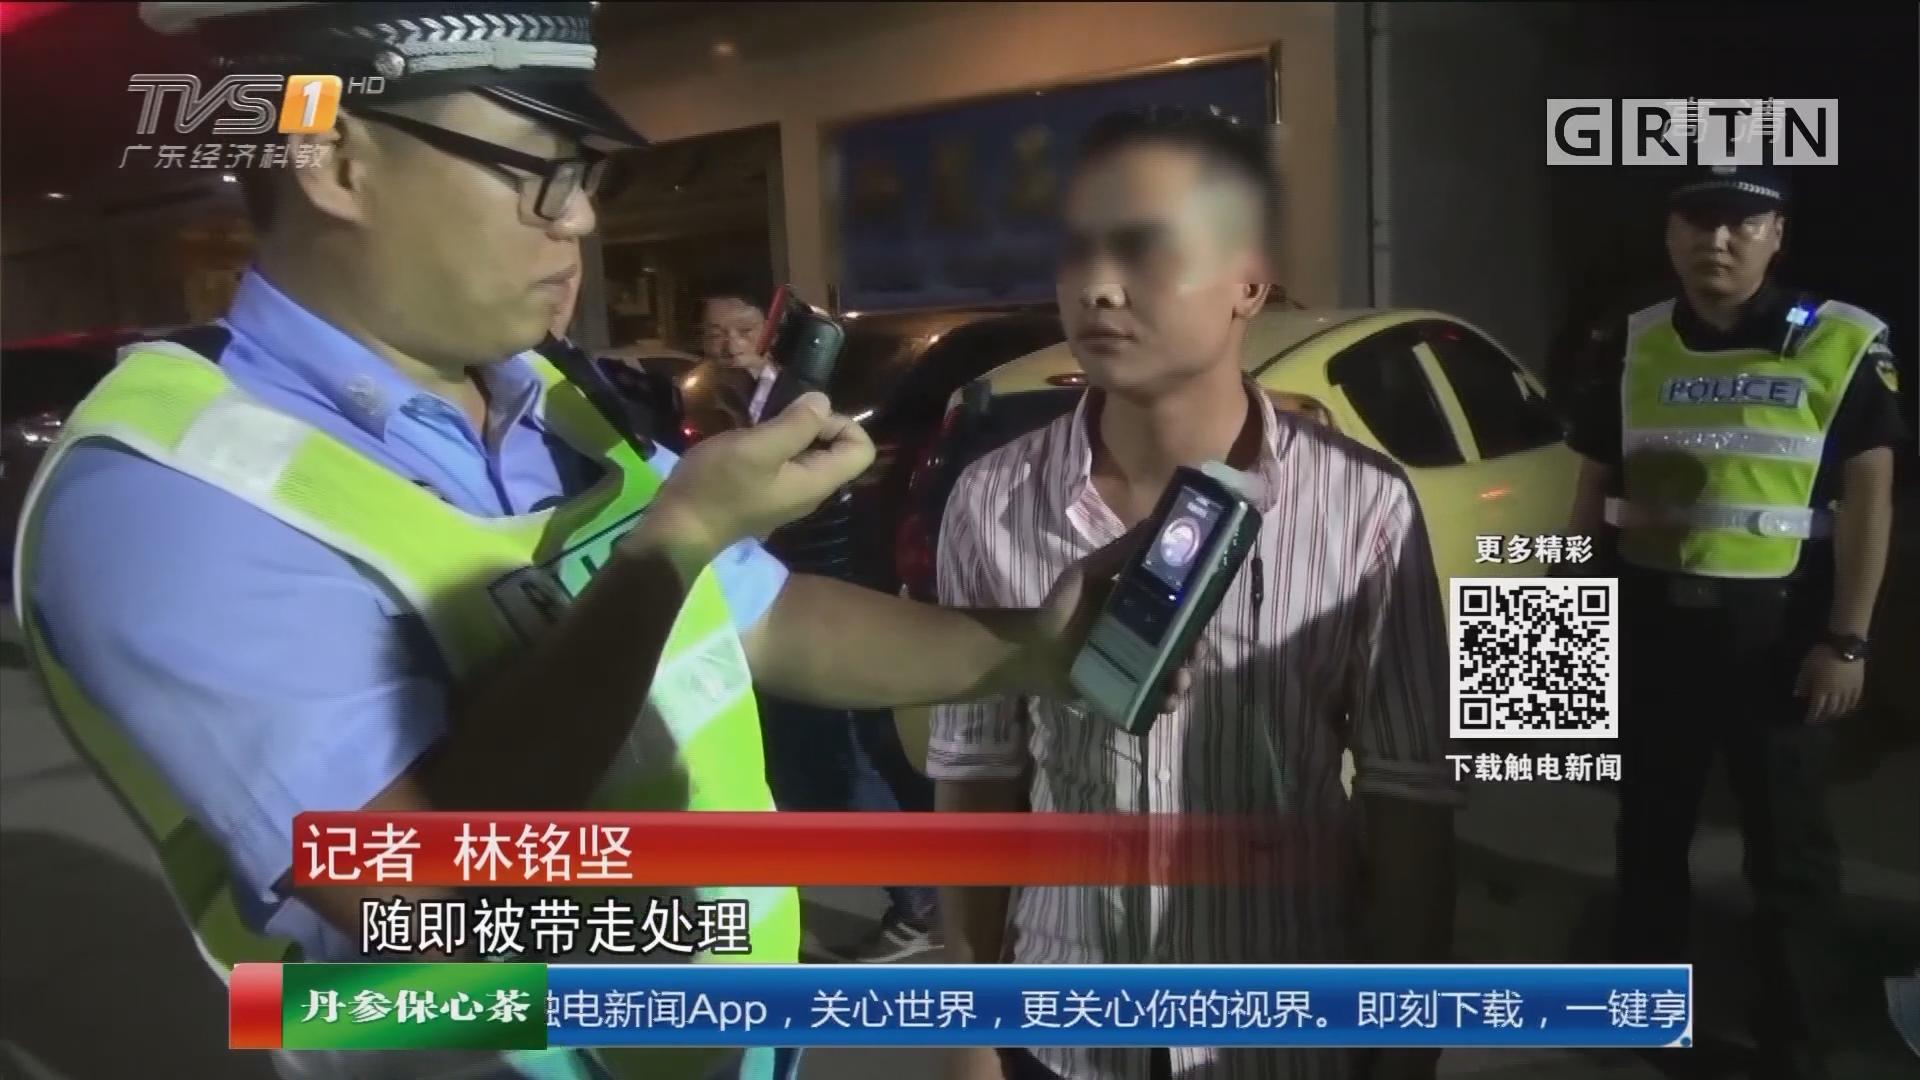 肇庆:周末查酒驾 3小时逮22只醉猫